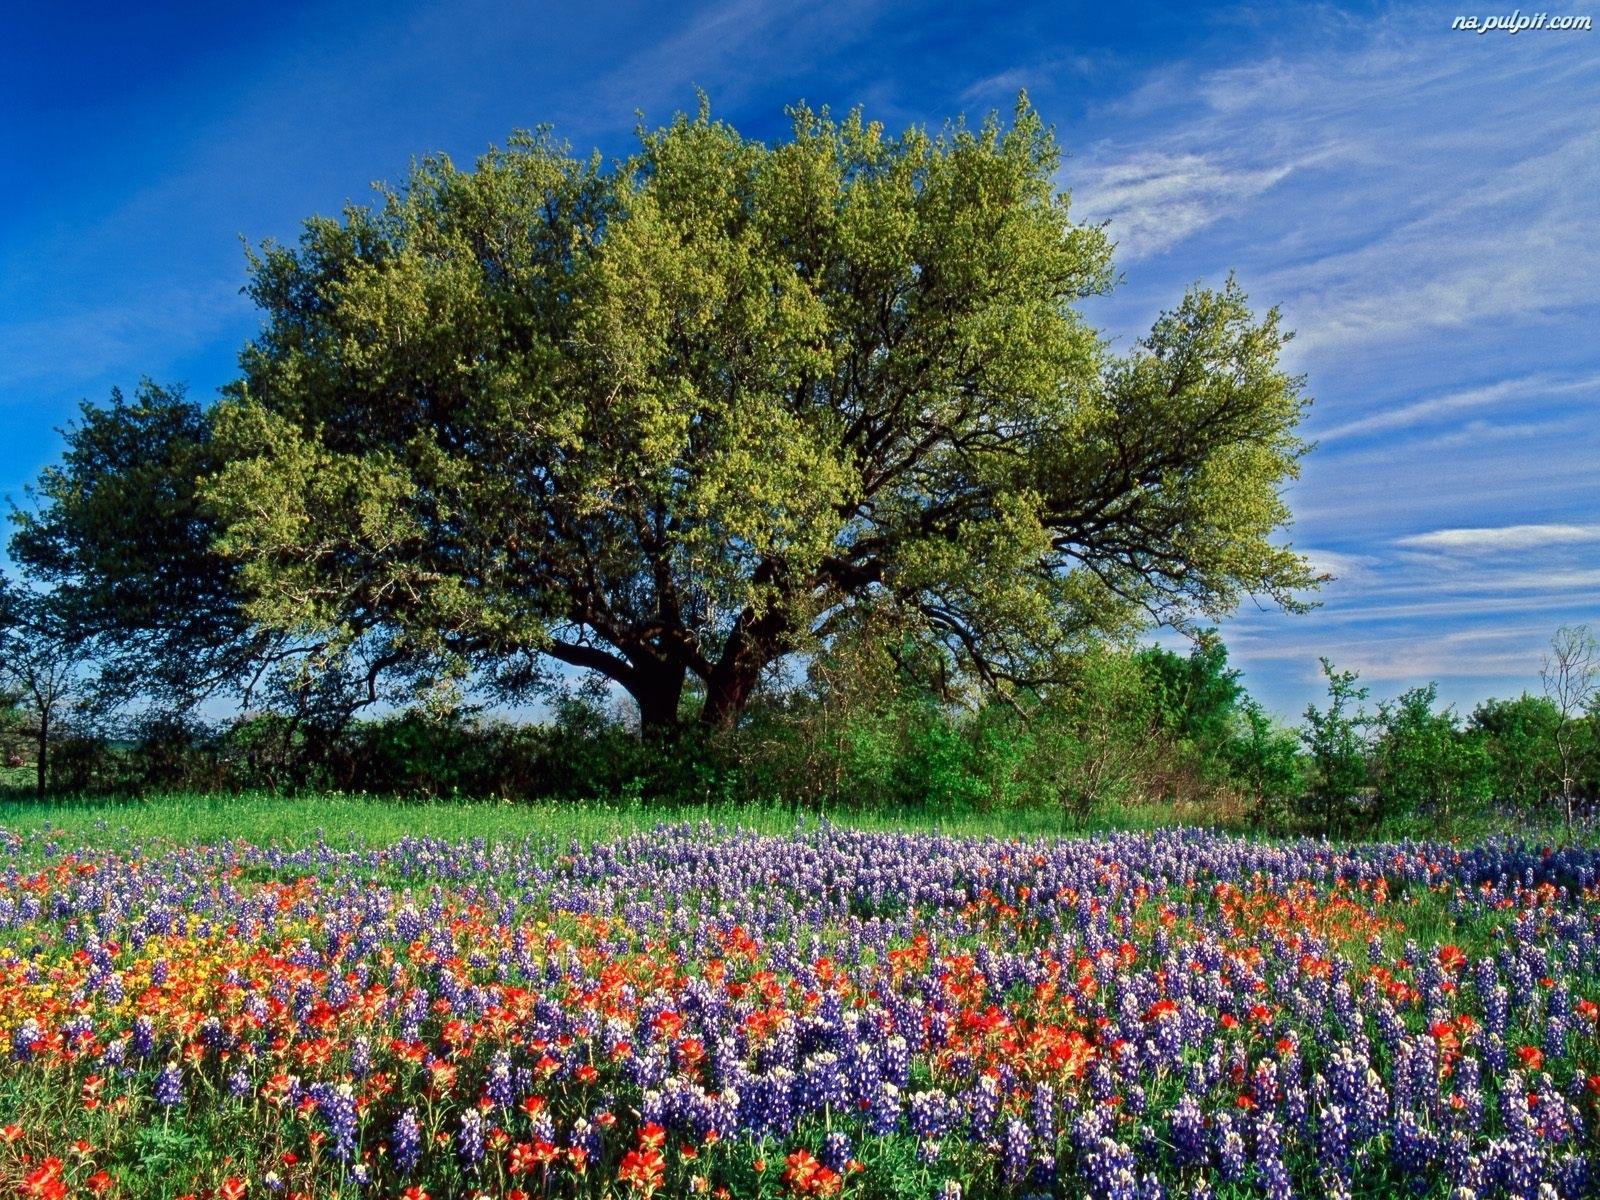 Krajobrazy Na Pulpit Wiosna Hd